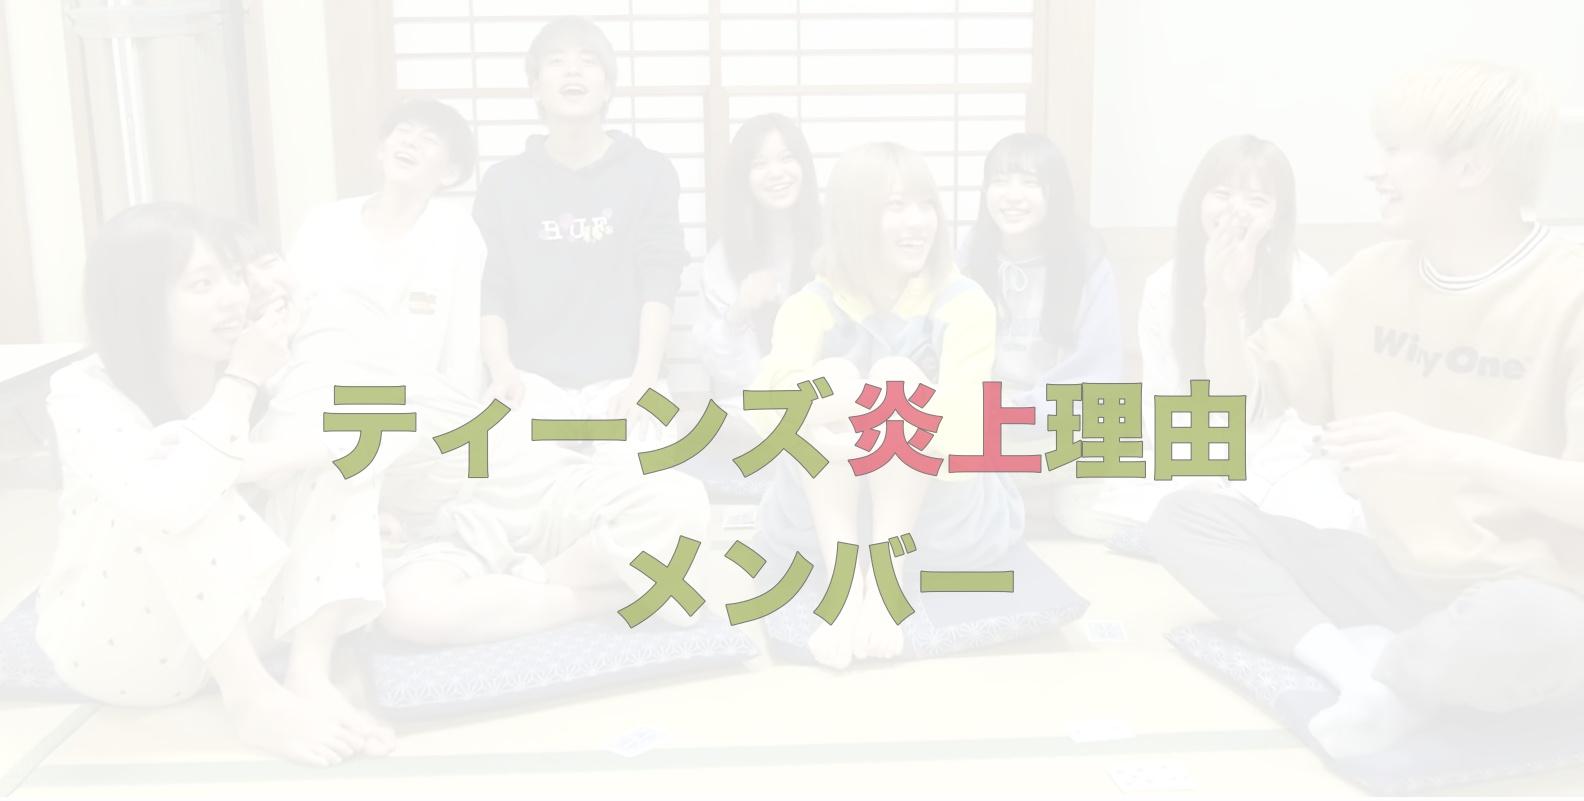 メンバー ティーンズ SKE48「ティーンズユニット」メンバー投票企画、投票結果が発表! Wセンターは誰に?!(2021年3月1日)|BIGLOBEニュース